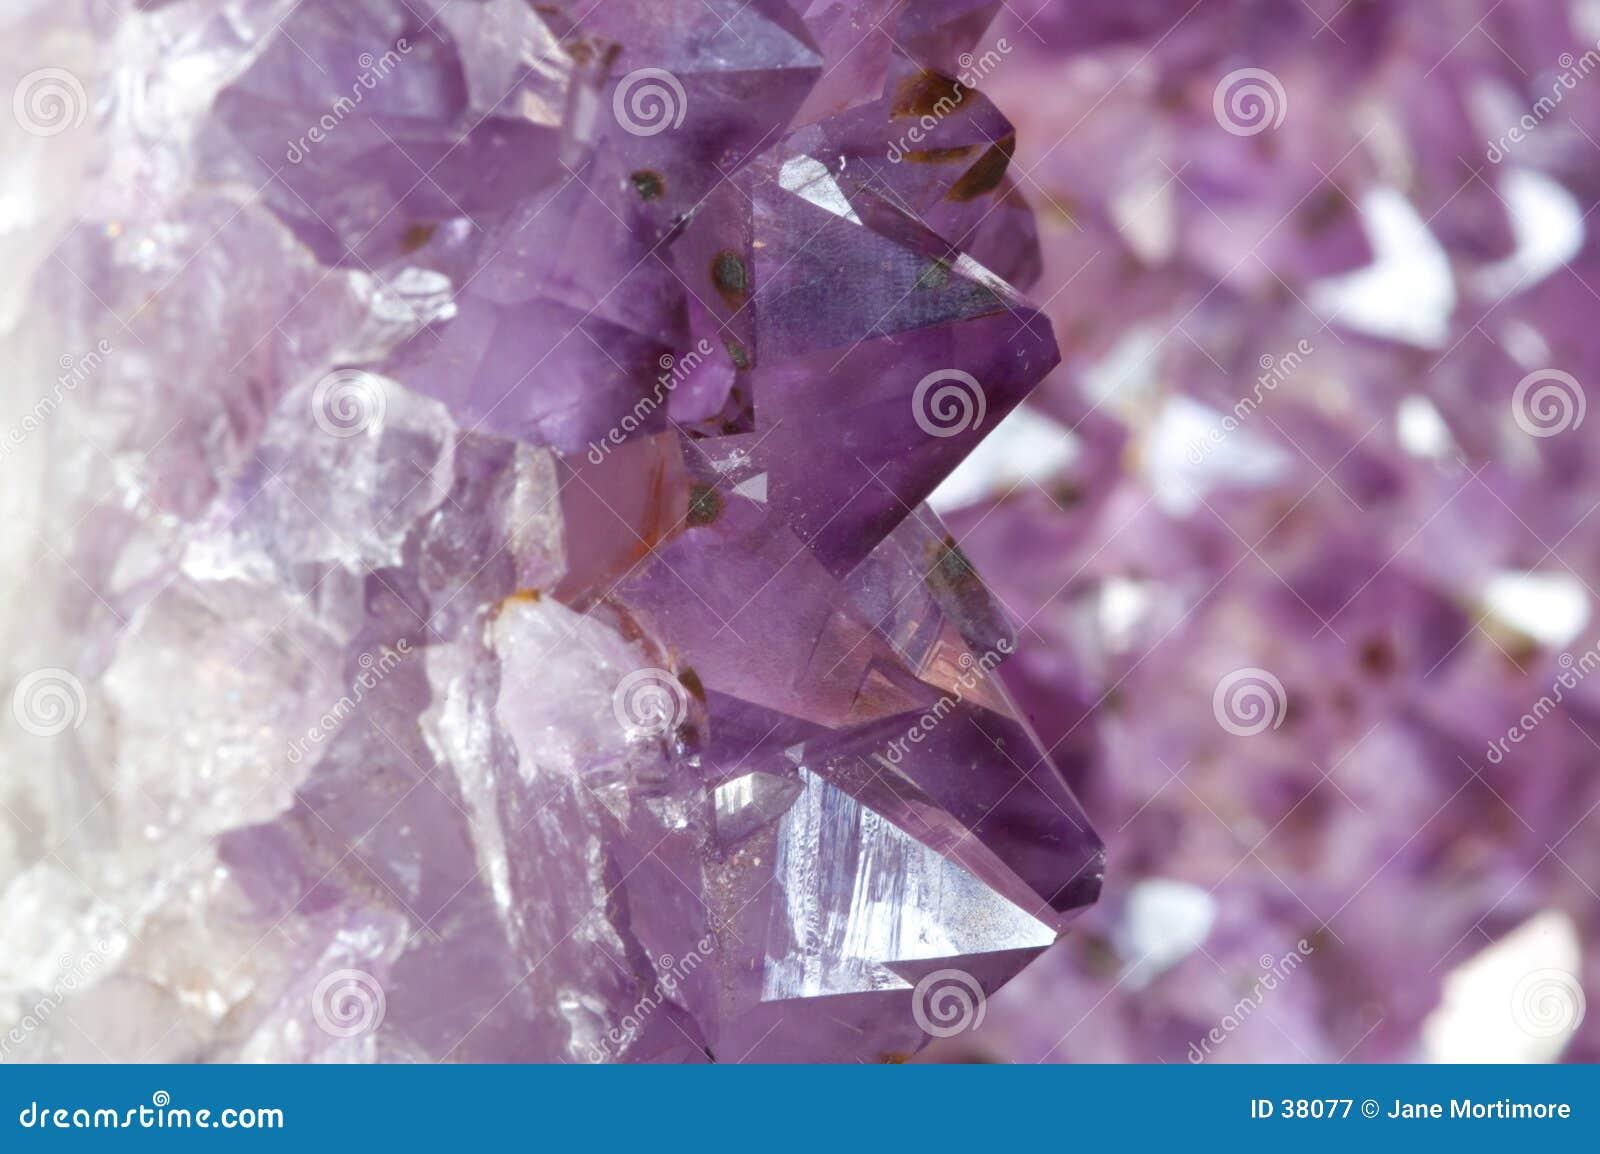 All interno di un Geode Amethyst 1